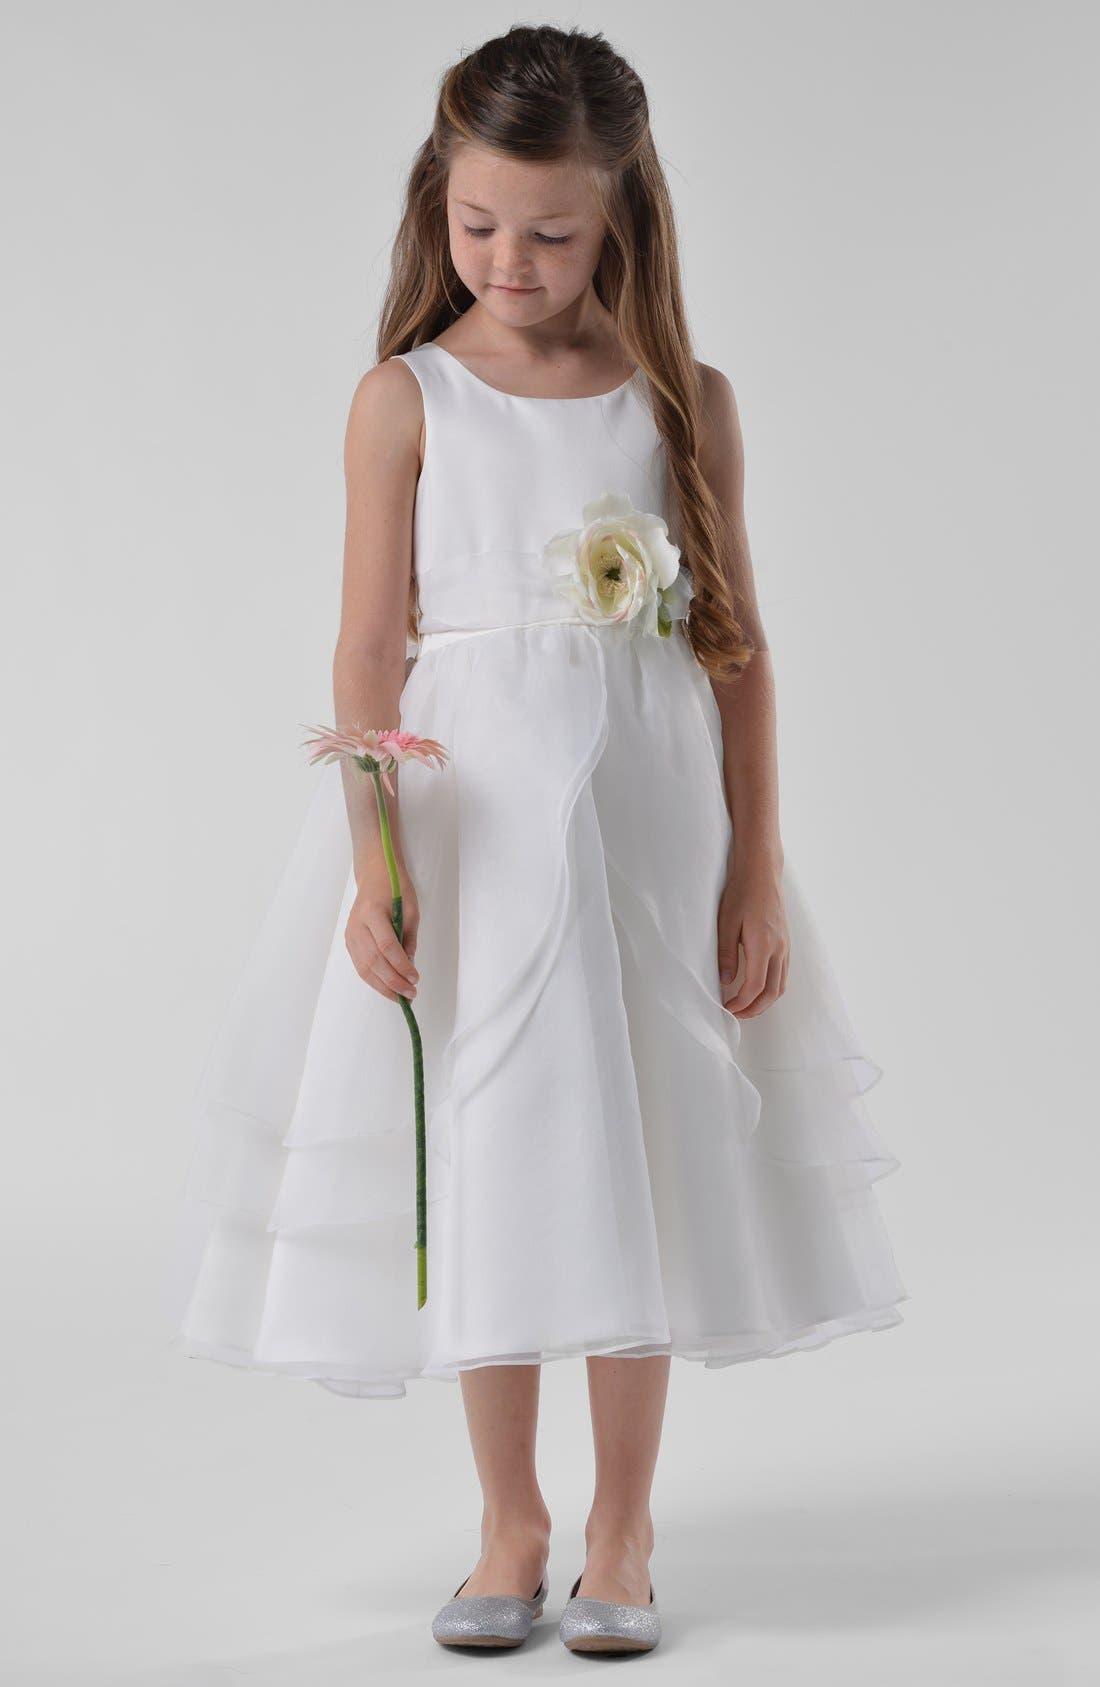 Alternate Image 1 Selected - Us Angels Flower Girl Dress (Toddler Girls)